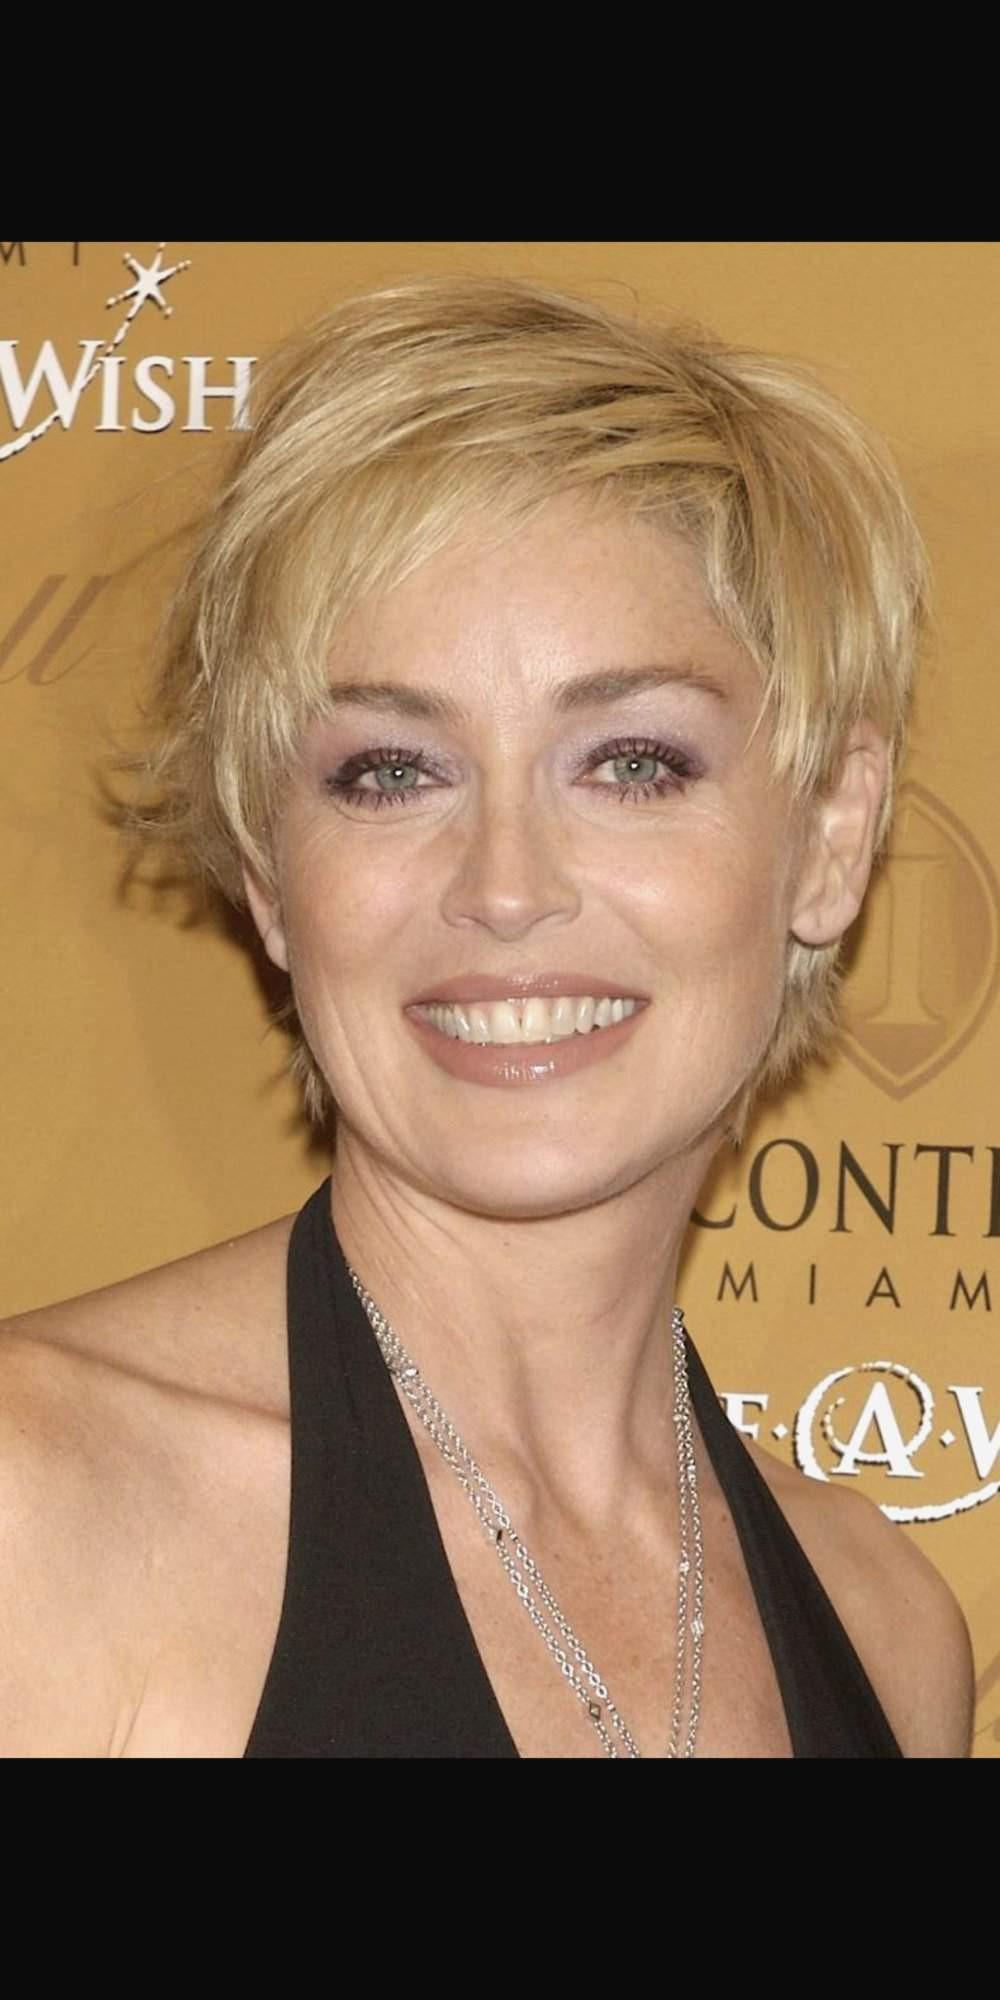 Album : Les +20 meilleures idées de modèle coiffure courte femme 60 ans - LiloBijoux - Bijoux ...